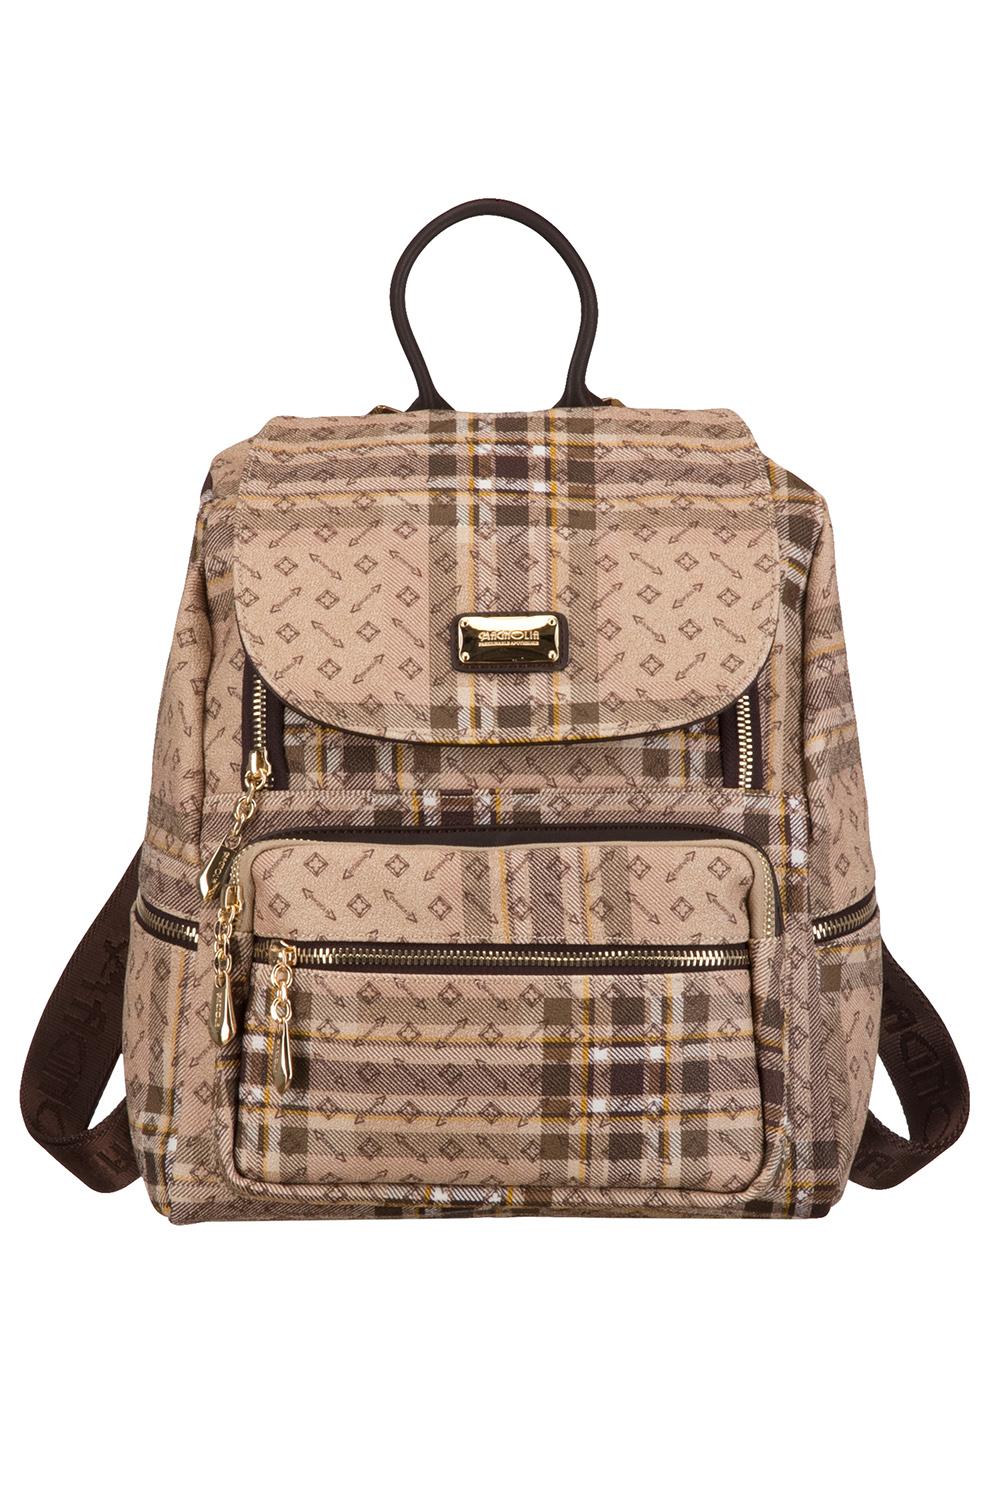 РюкзакРюкзаки<br>Удобный и вместительный сумка-рюкзак  Цвет: бежевый, коричневый<br><br>По материалу: Искусственная кожа<br>По рисунку: Цветные,С принтом,В клетку<br>По степени жесткости: Полужесткие<br>По типу застежки: С застежкой молнией<br>По элементам: Карман под телефон<br>Ручки: Плечевые,Тонкие<br>Отделения: 1 отделение<br>По форме: Трапециевидные<br>Размер : UNI<br>Материал: Искусственная кожа<br>Количество в наличии: 1